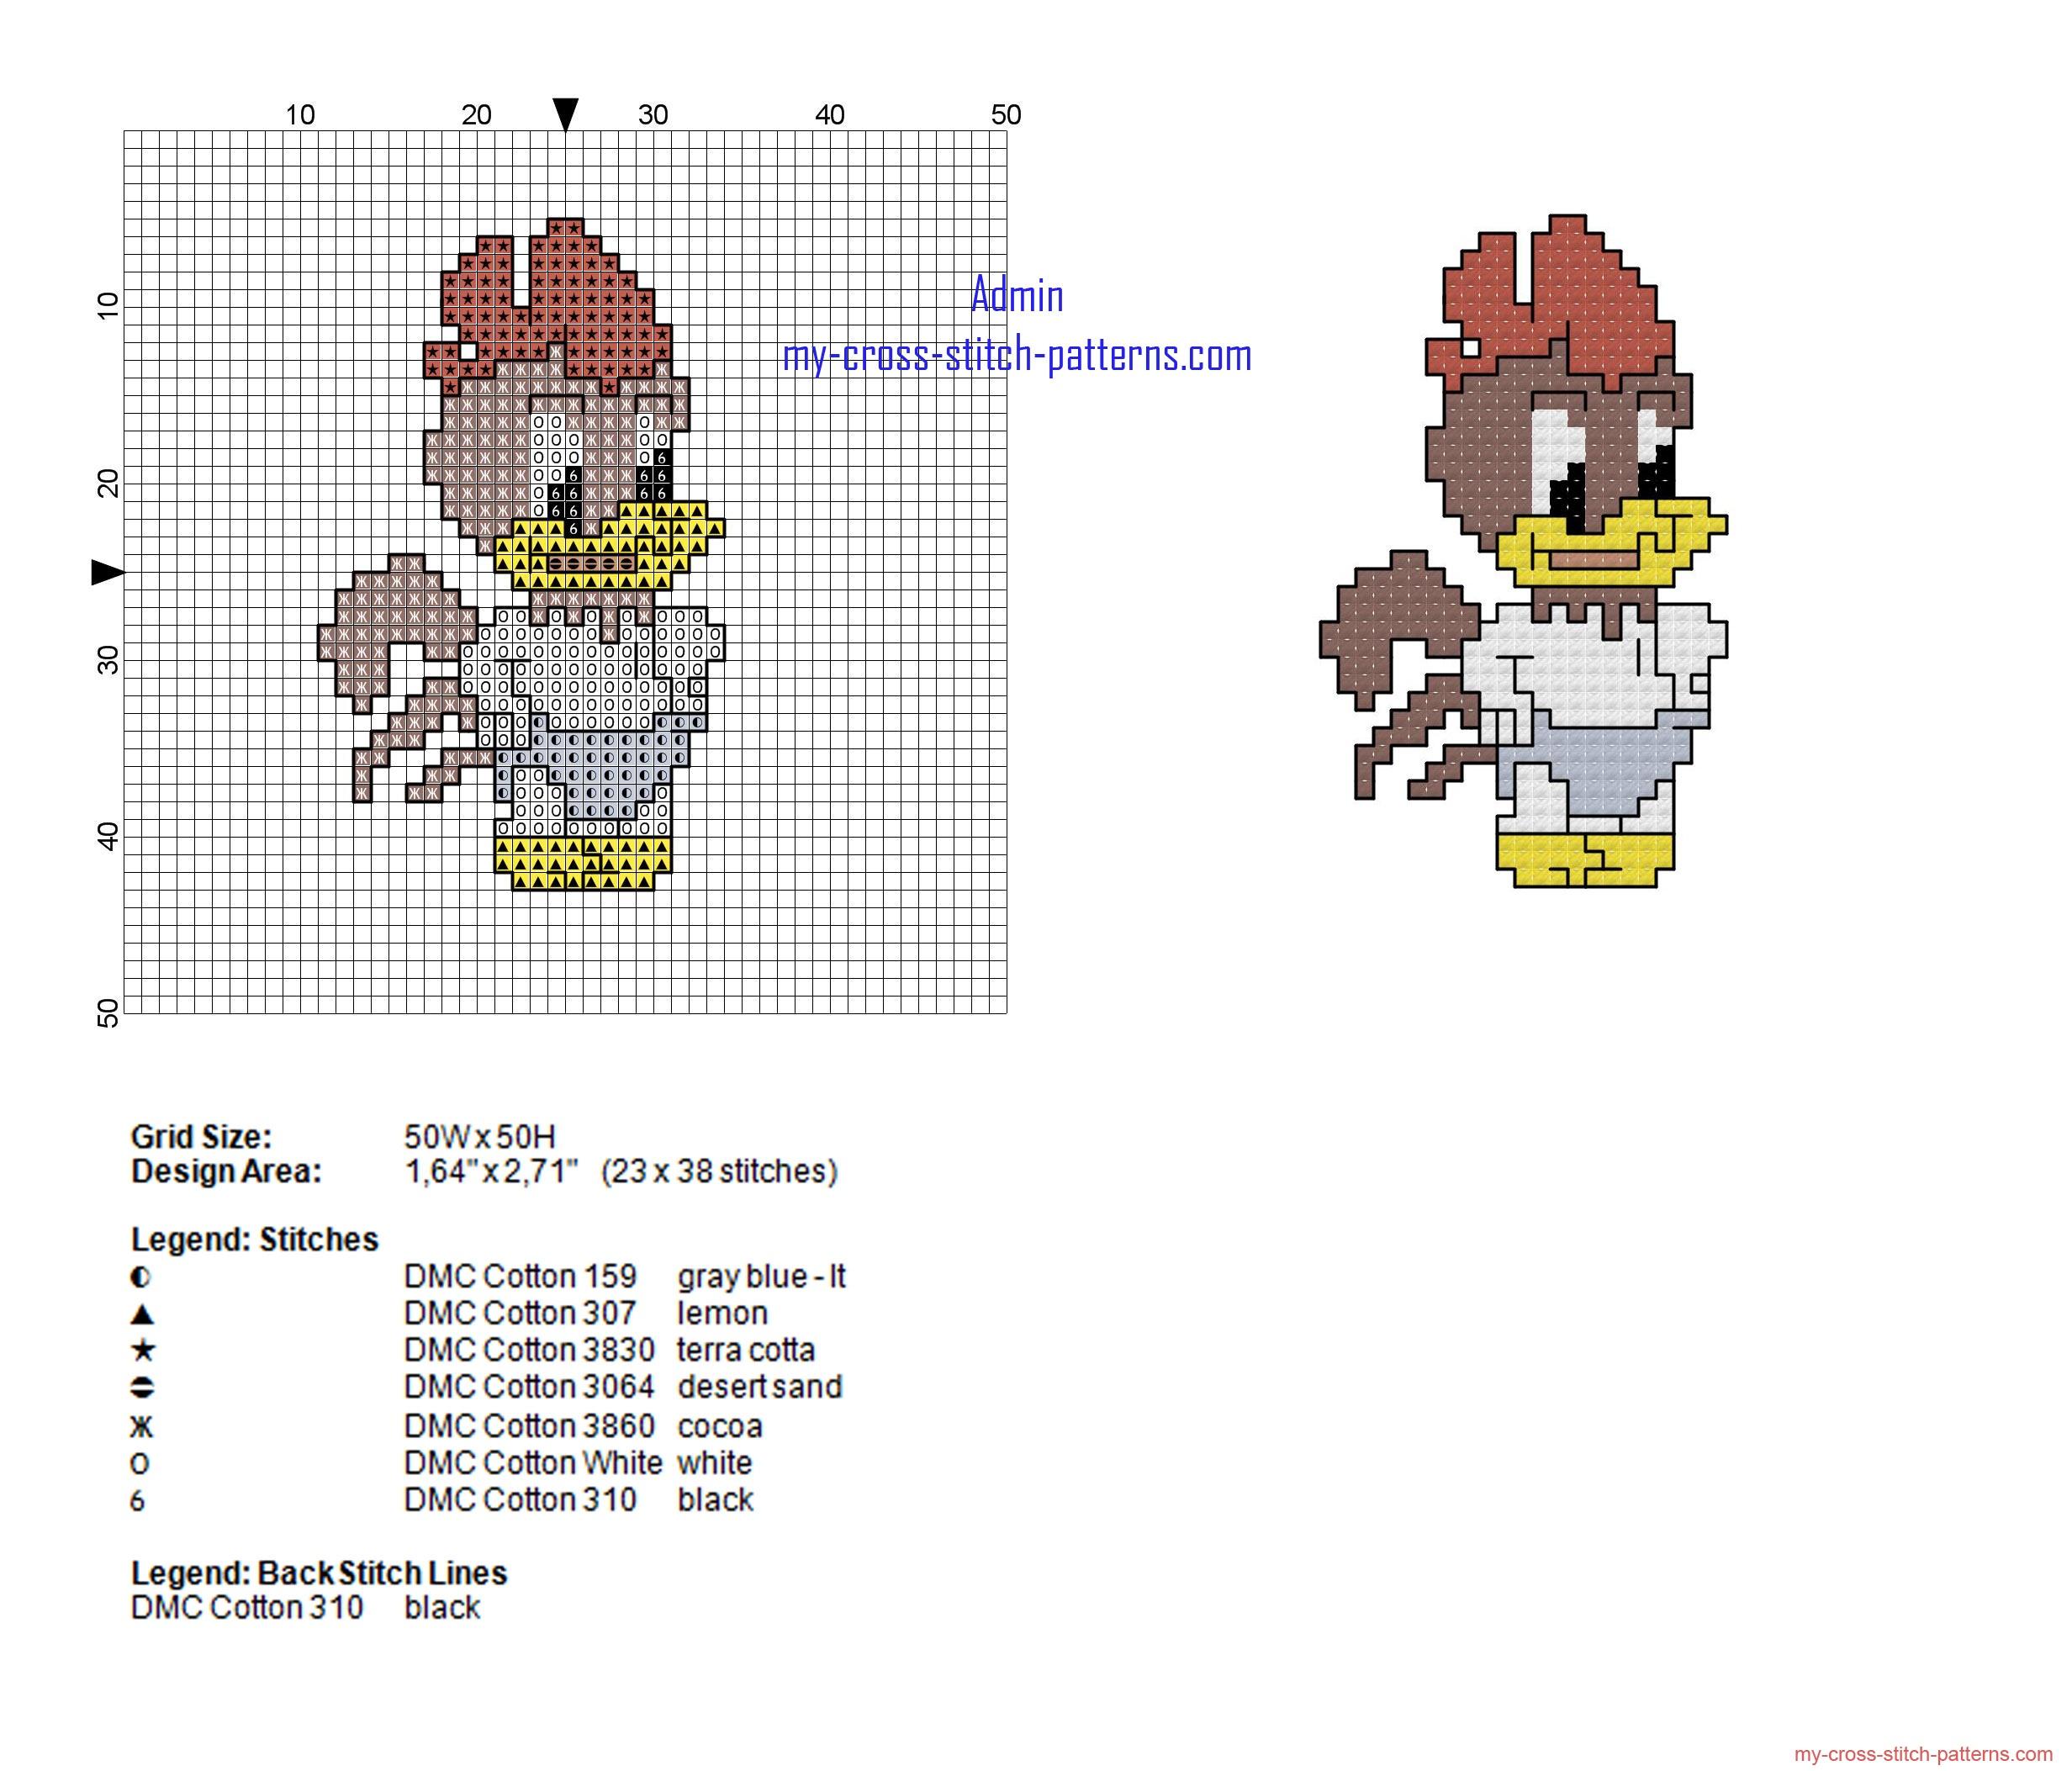 baby_foghorn_leghorn_looney_tunes_cross_stitch_pattern_height_38